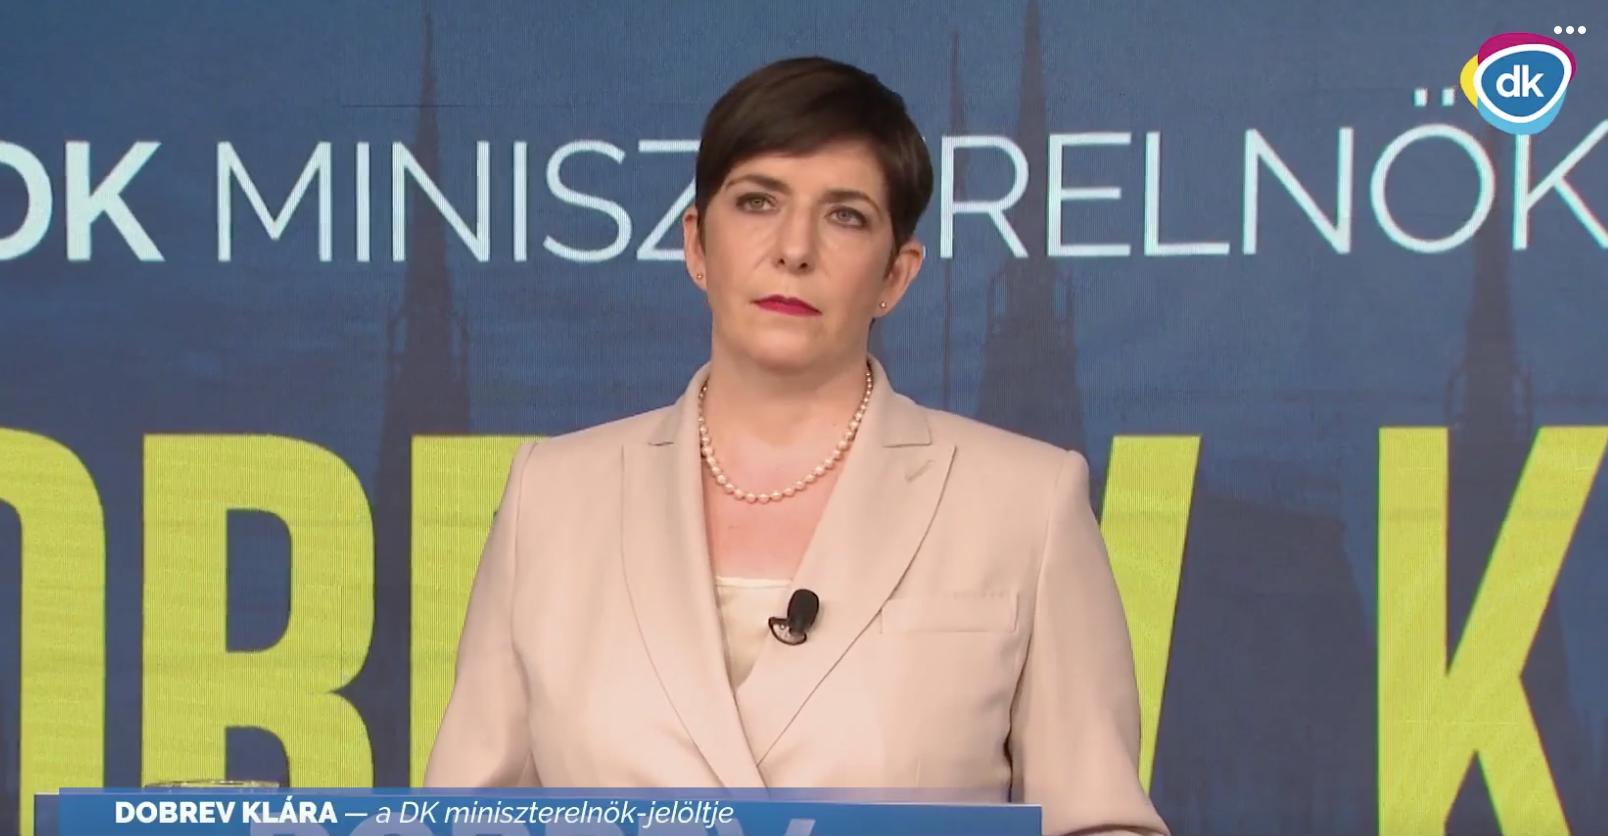 Papírforma: Dobrev Klára a DK miniszterelnök-jelöltje